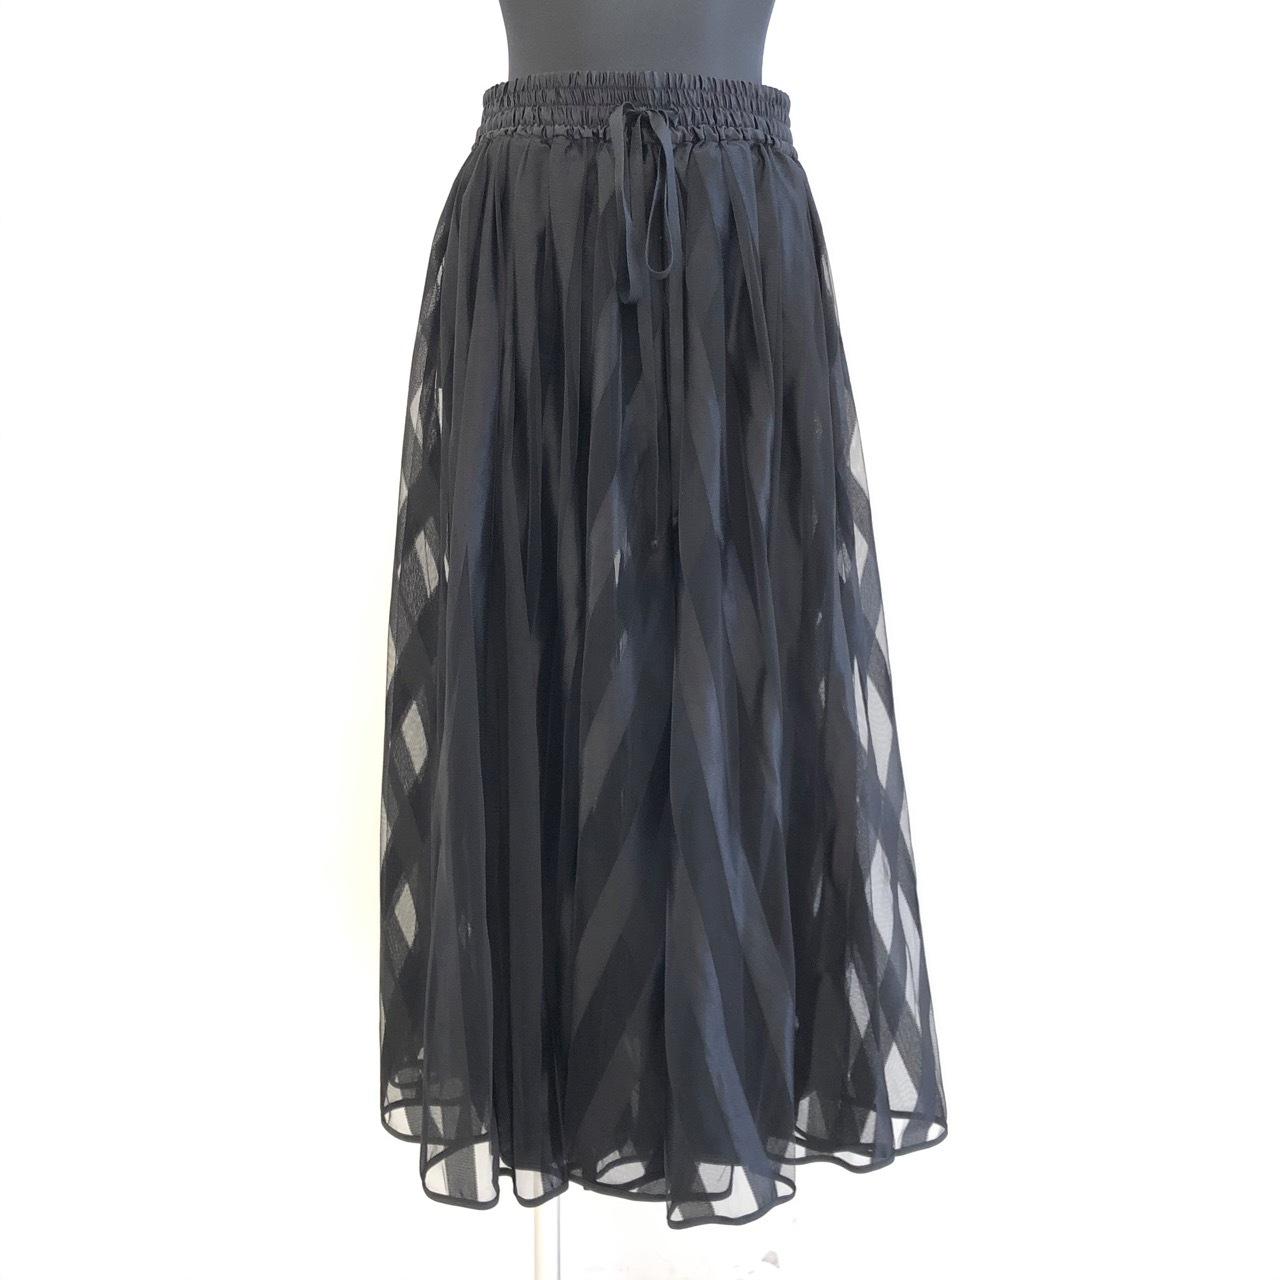 【 Thomas magpie 】- 199-2040 - thomas magpie long tulle skirt stripe